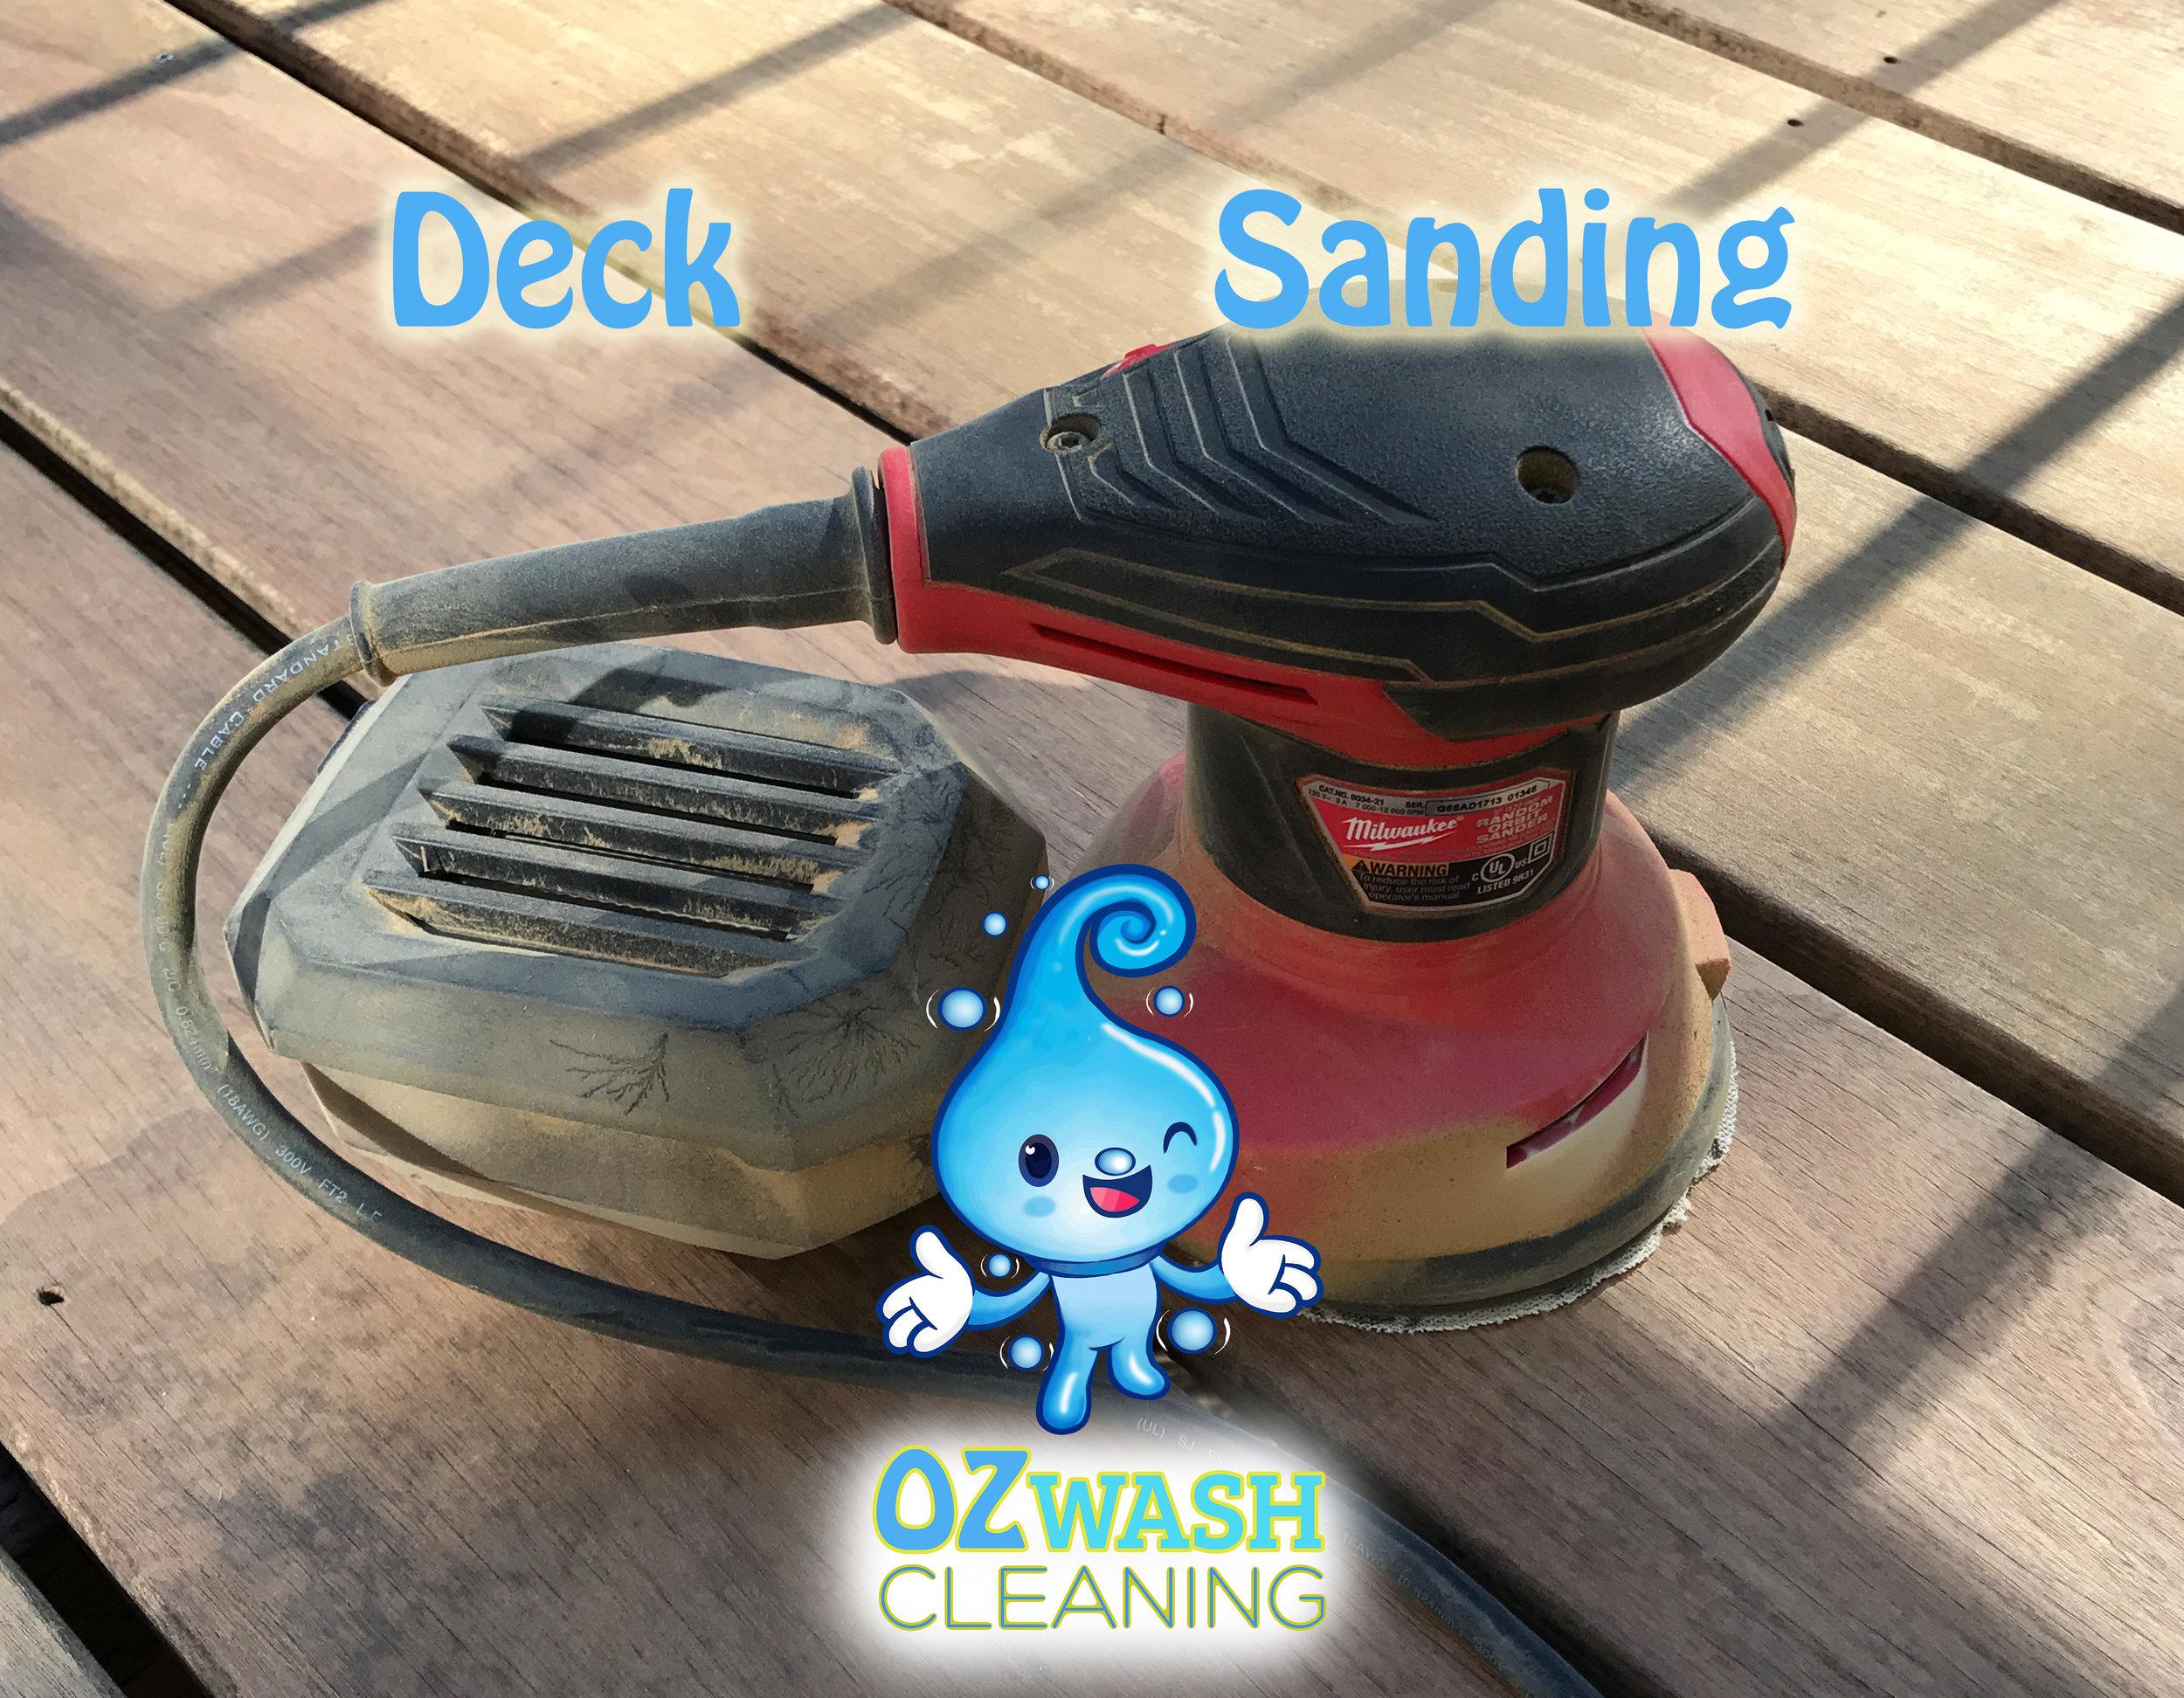 DeckSanding.jpg